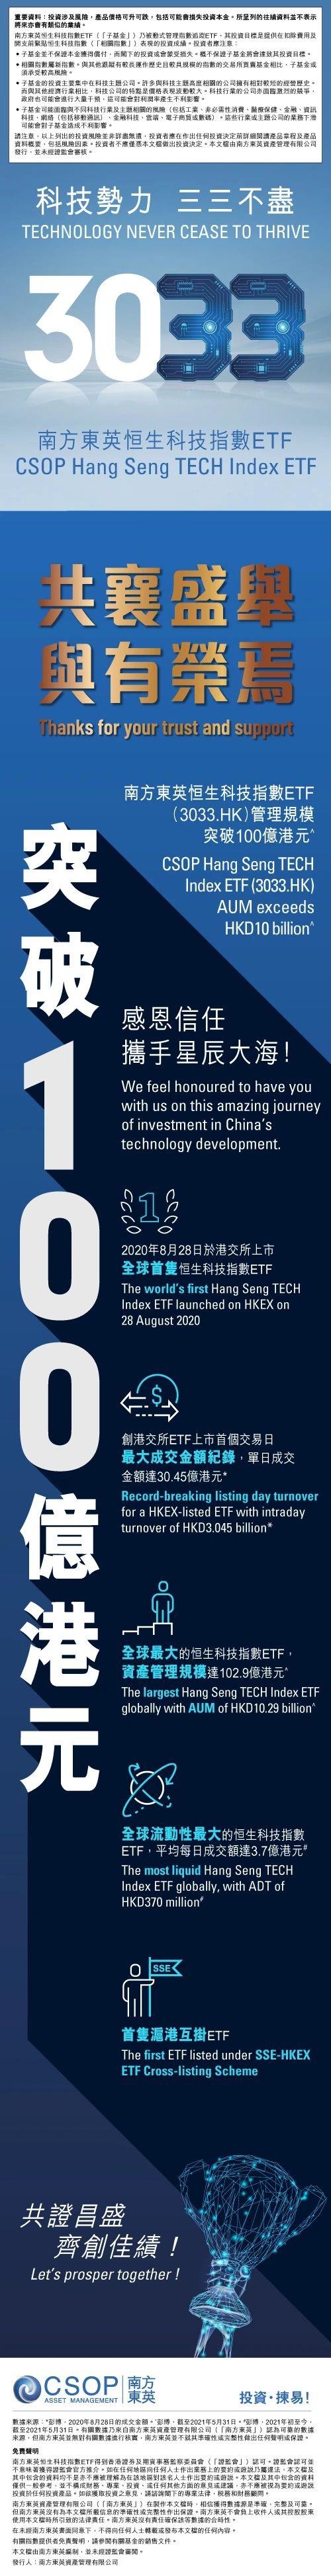 祝贺南方东英恒生科技指数ETF(3033.HK)资产管理规模破百亿港币!共襄盛举,与有荣焉。